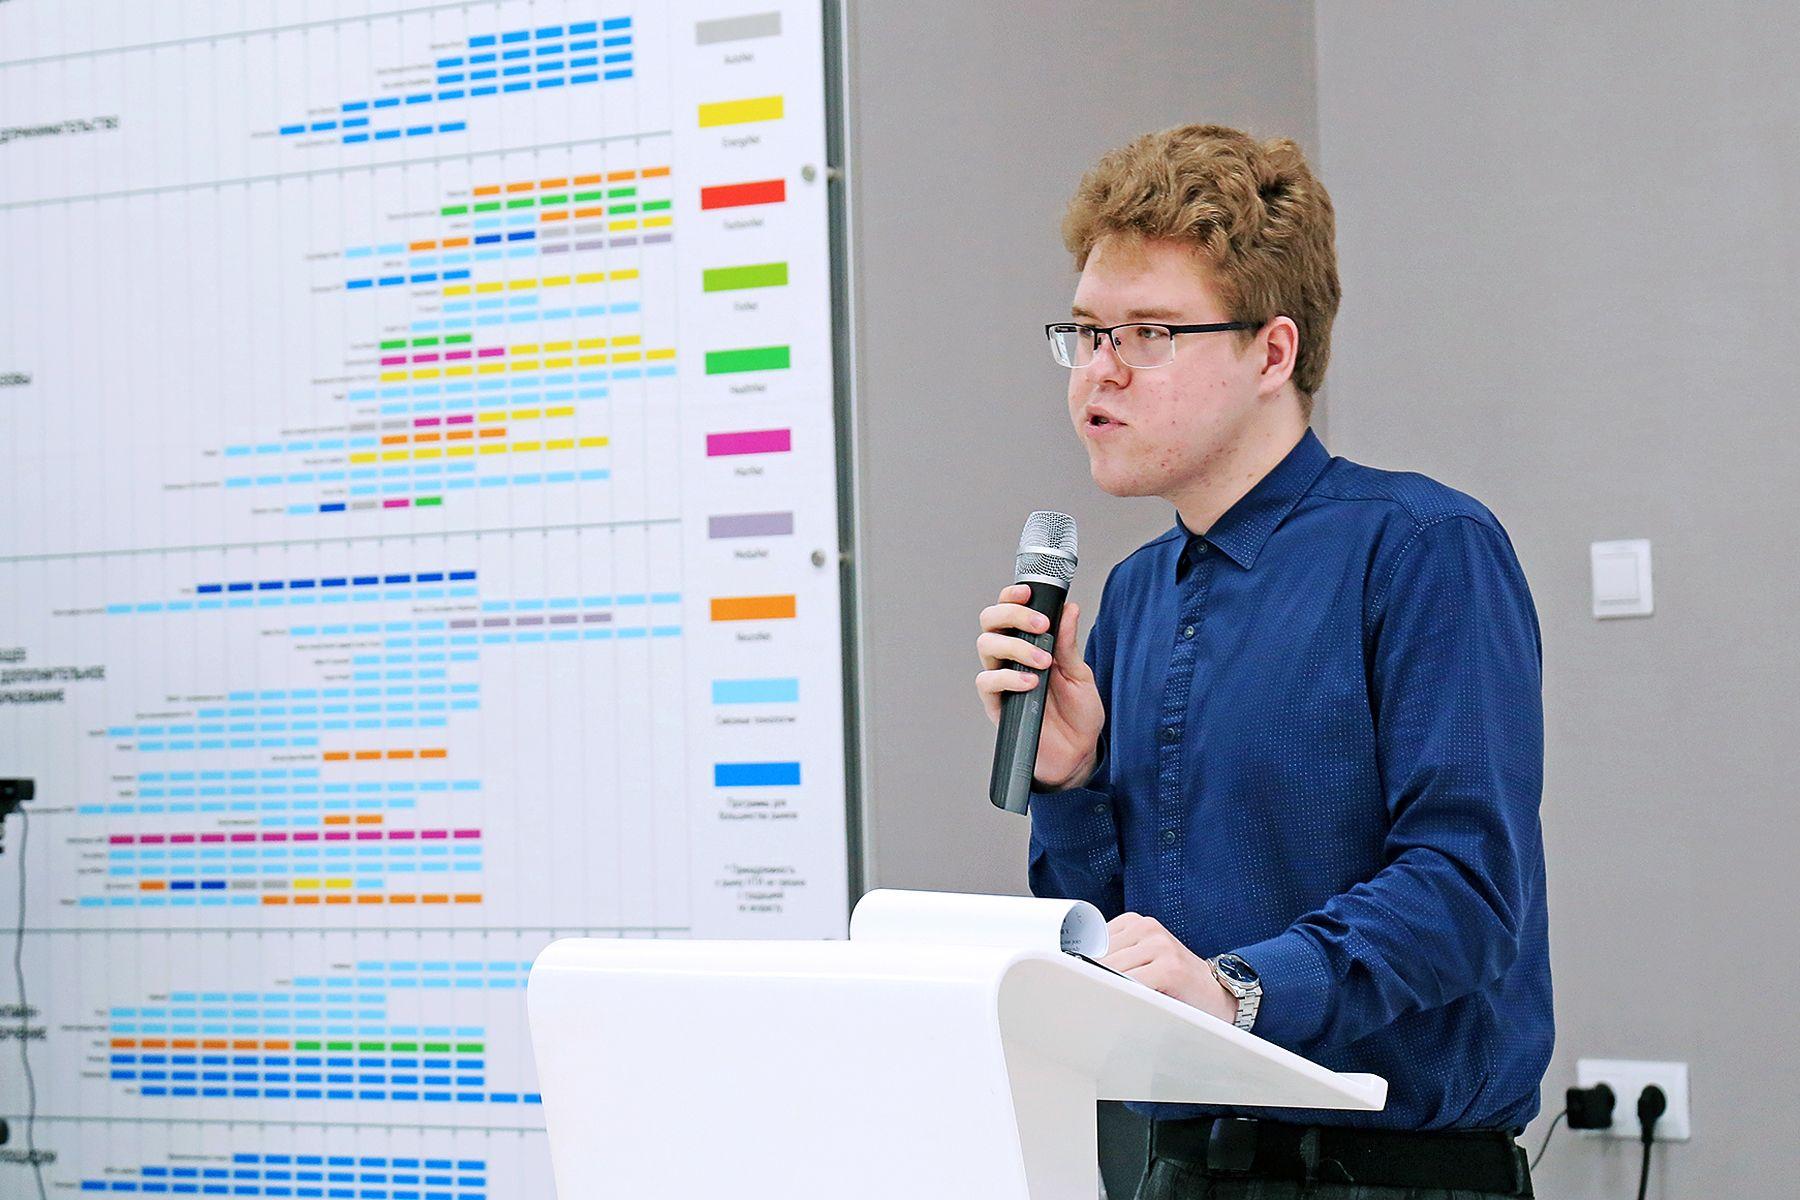 Финальная защита: студенты ВГУЭС представят экспертам более 200 проектов